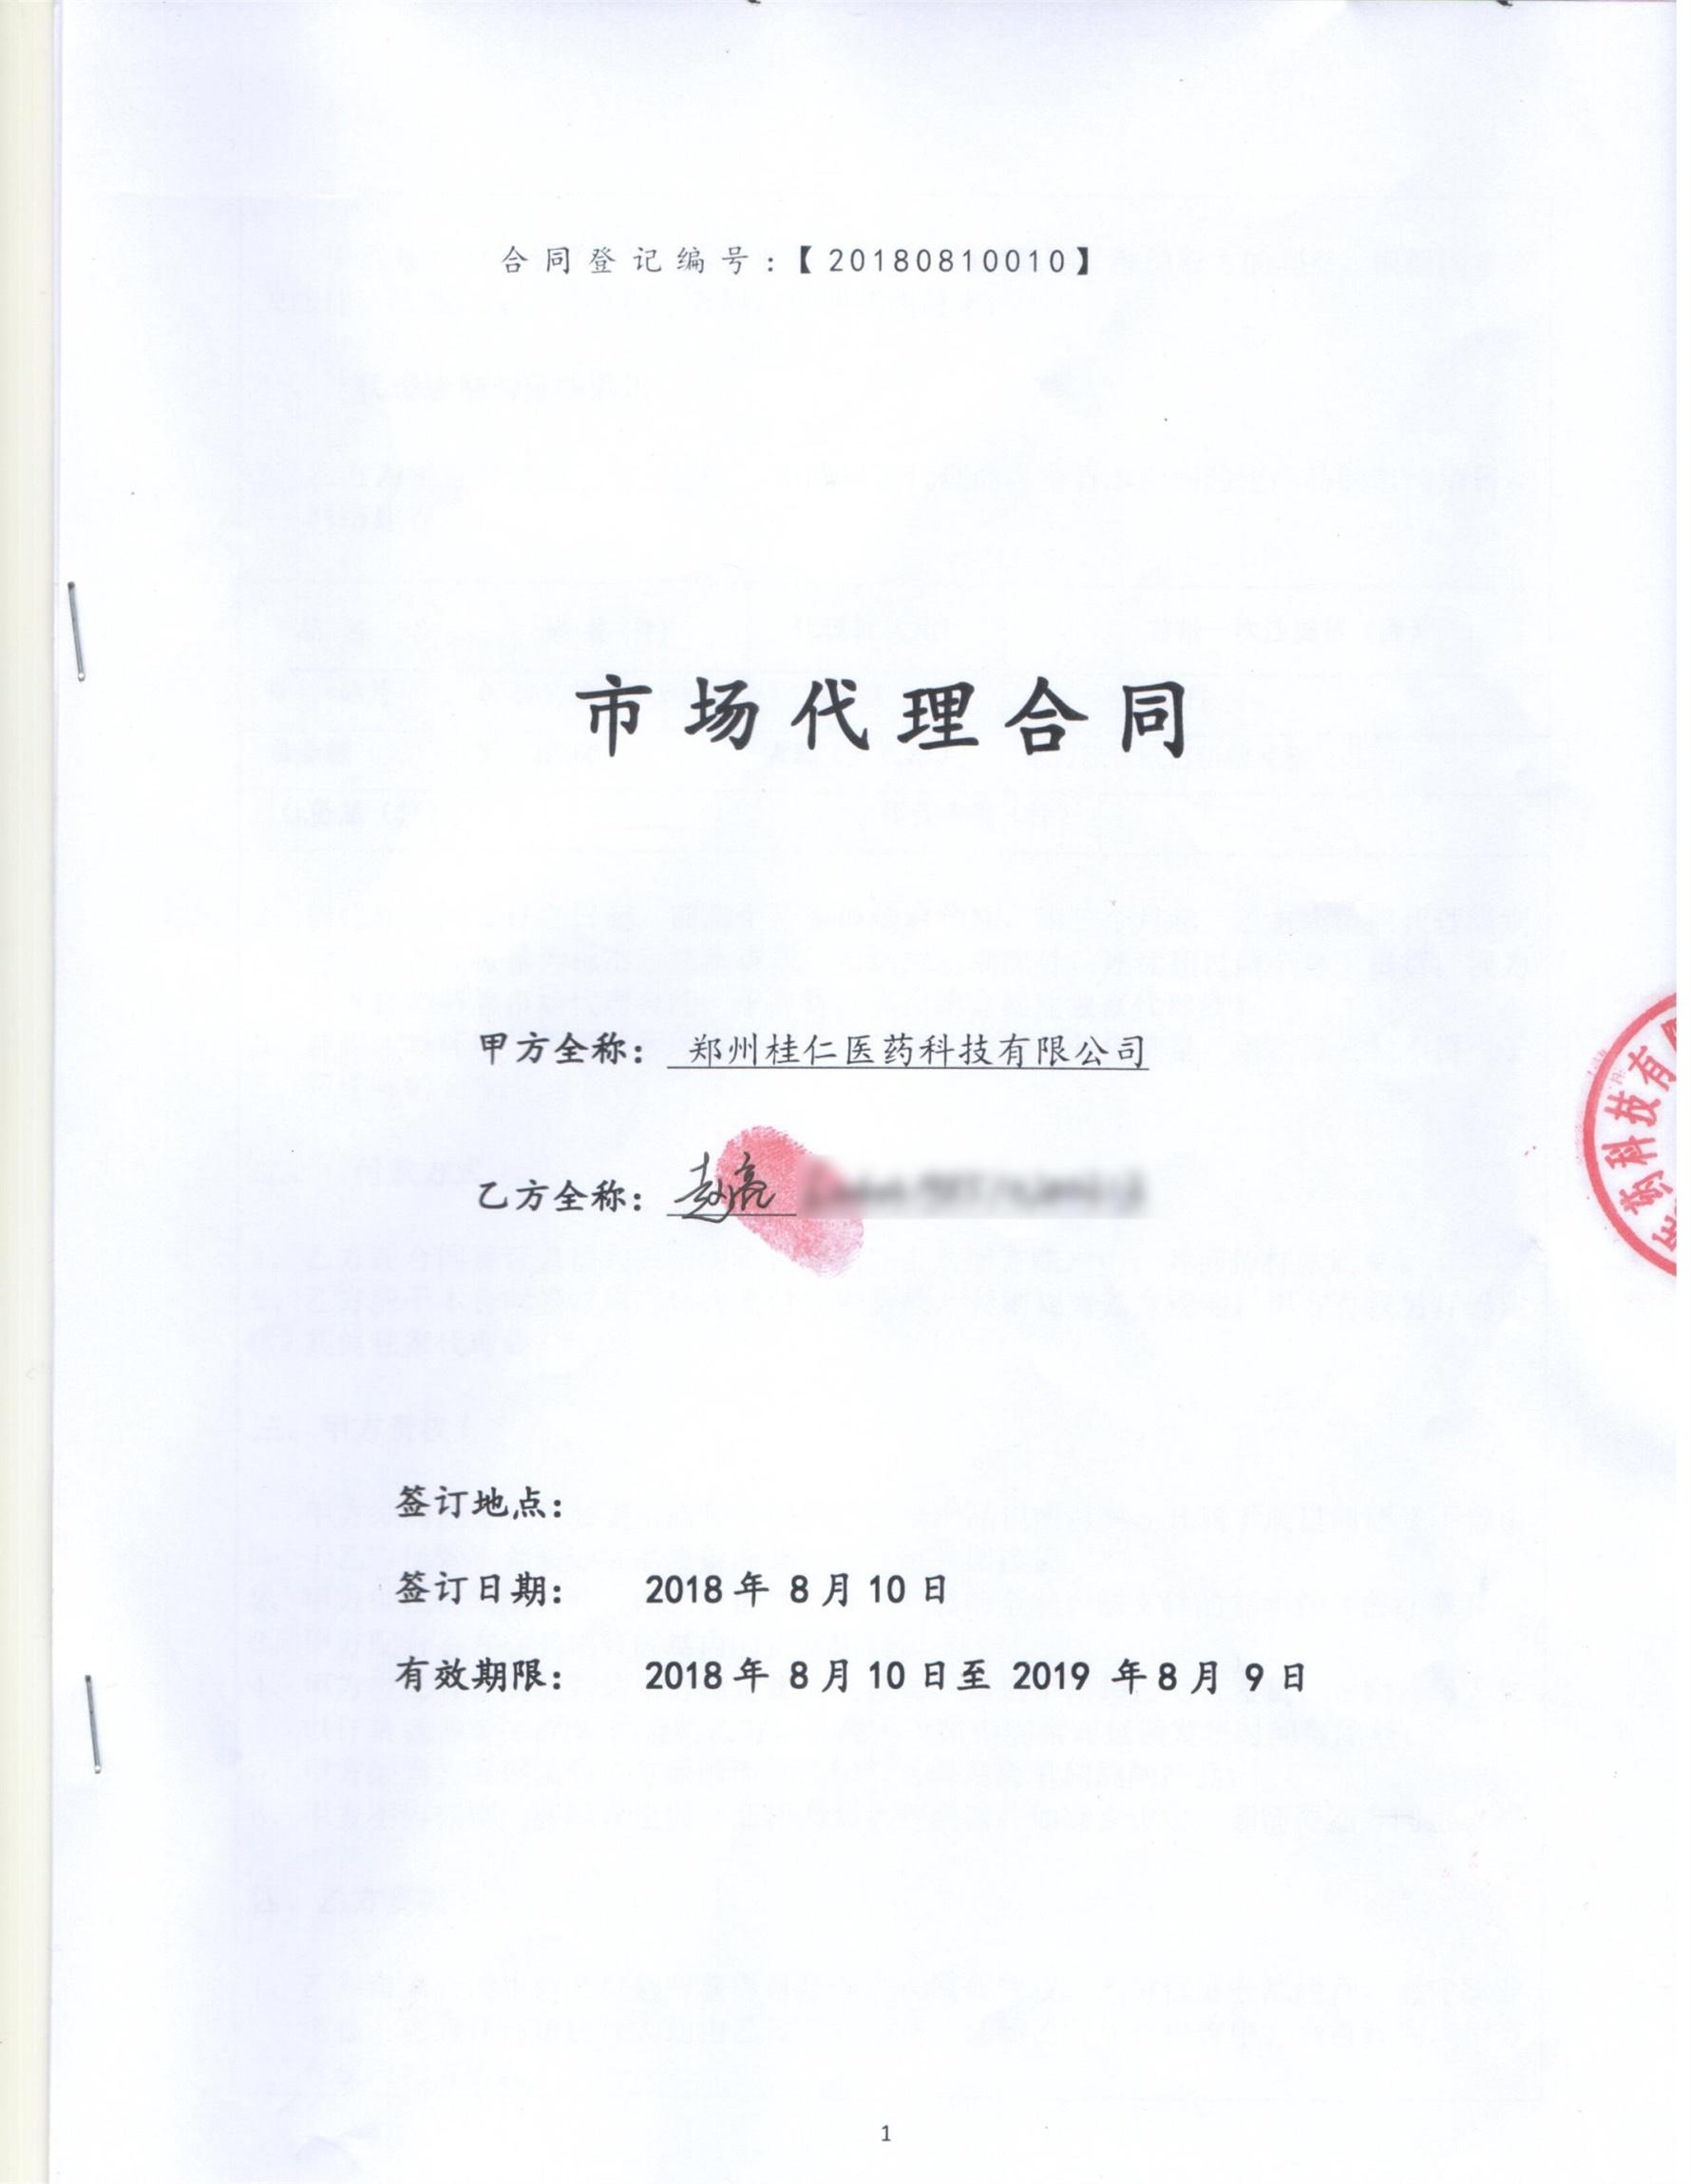 桂仁硒片代理合同